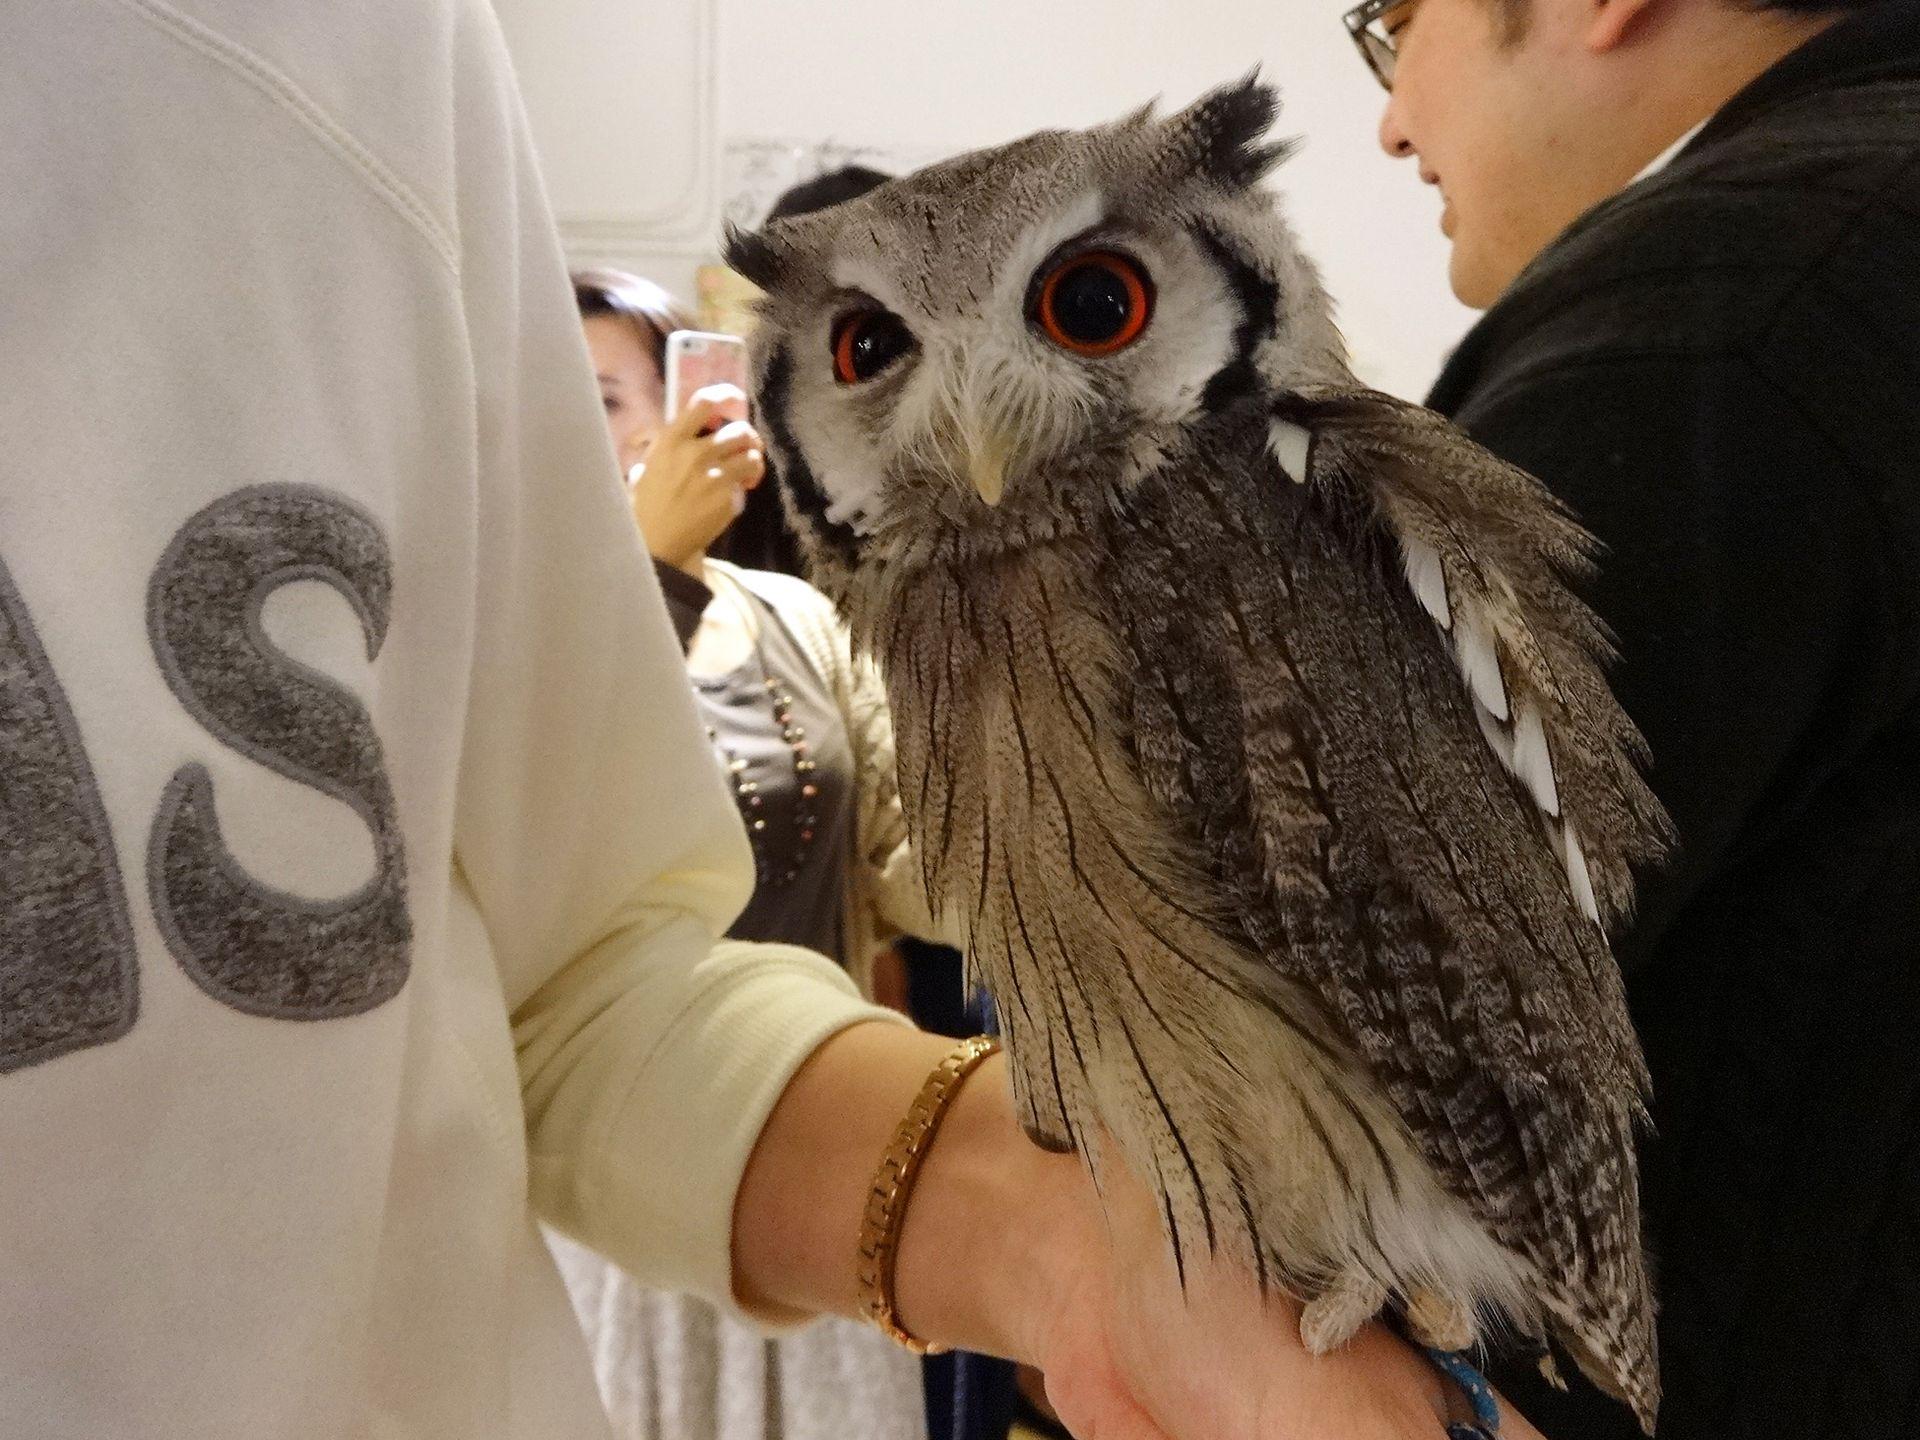 动物主题咖啡店 动物与顾客亲密互动萌萌哒